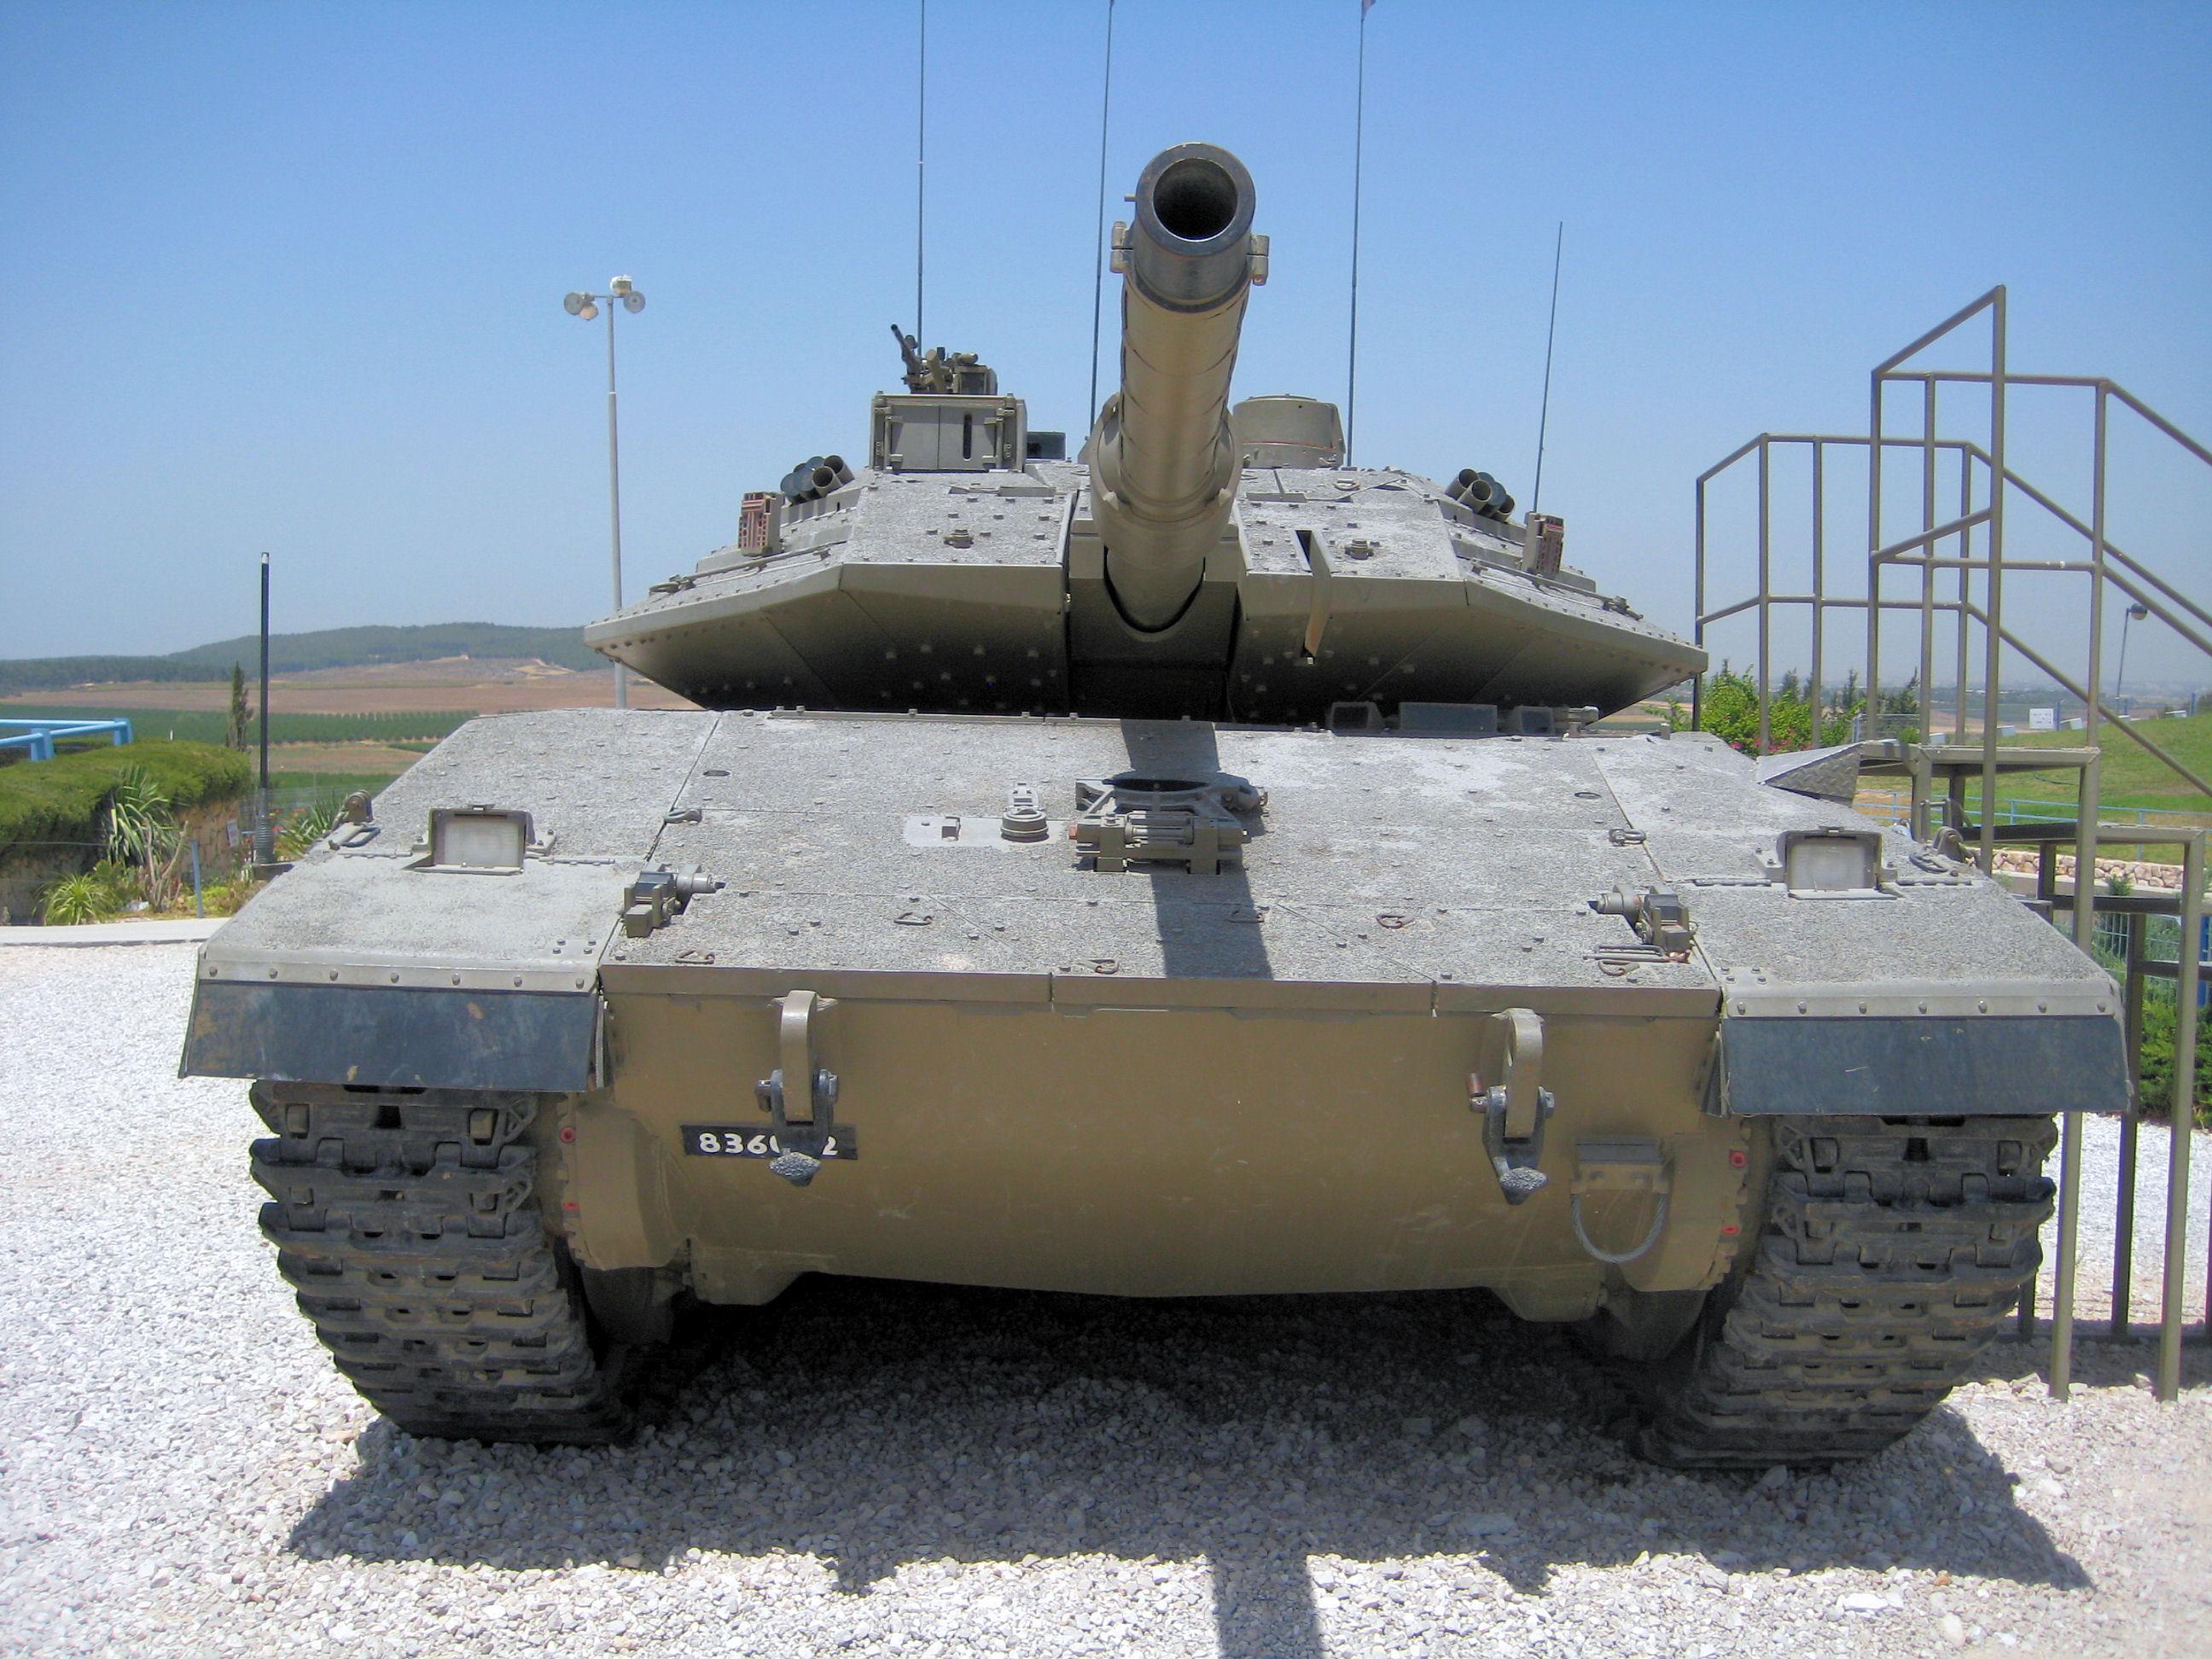 Израильский танк Merkava IV. Источник: data3.primeportal.net.